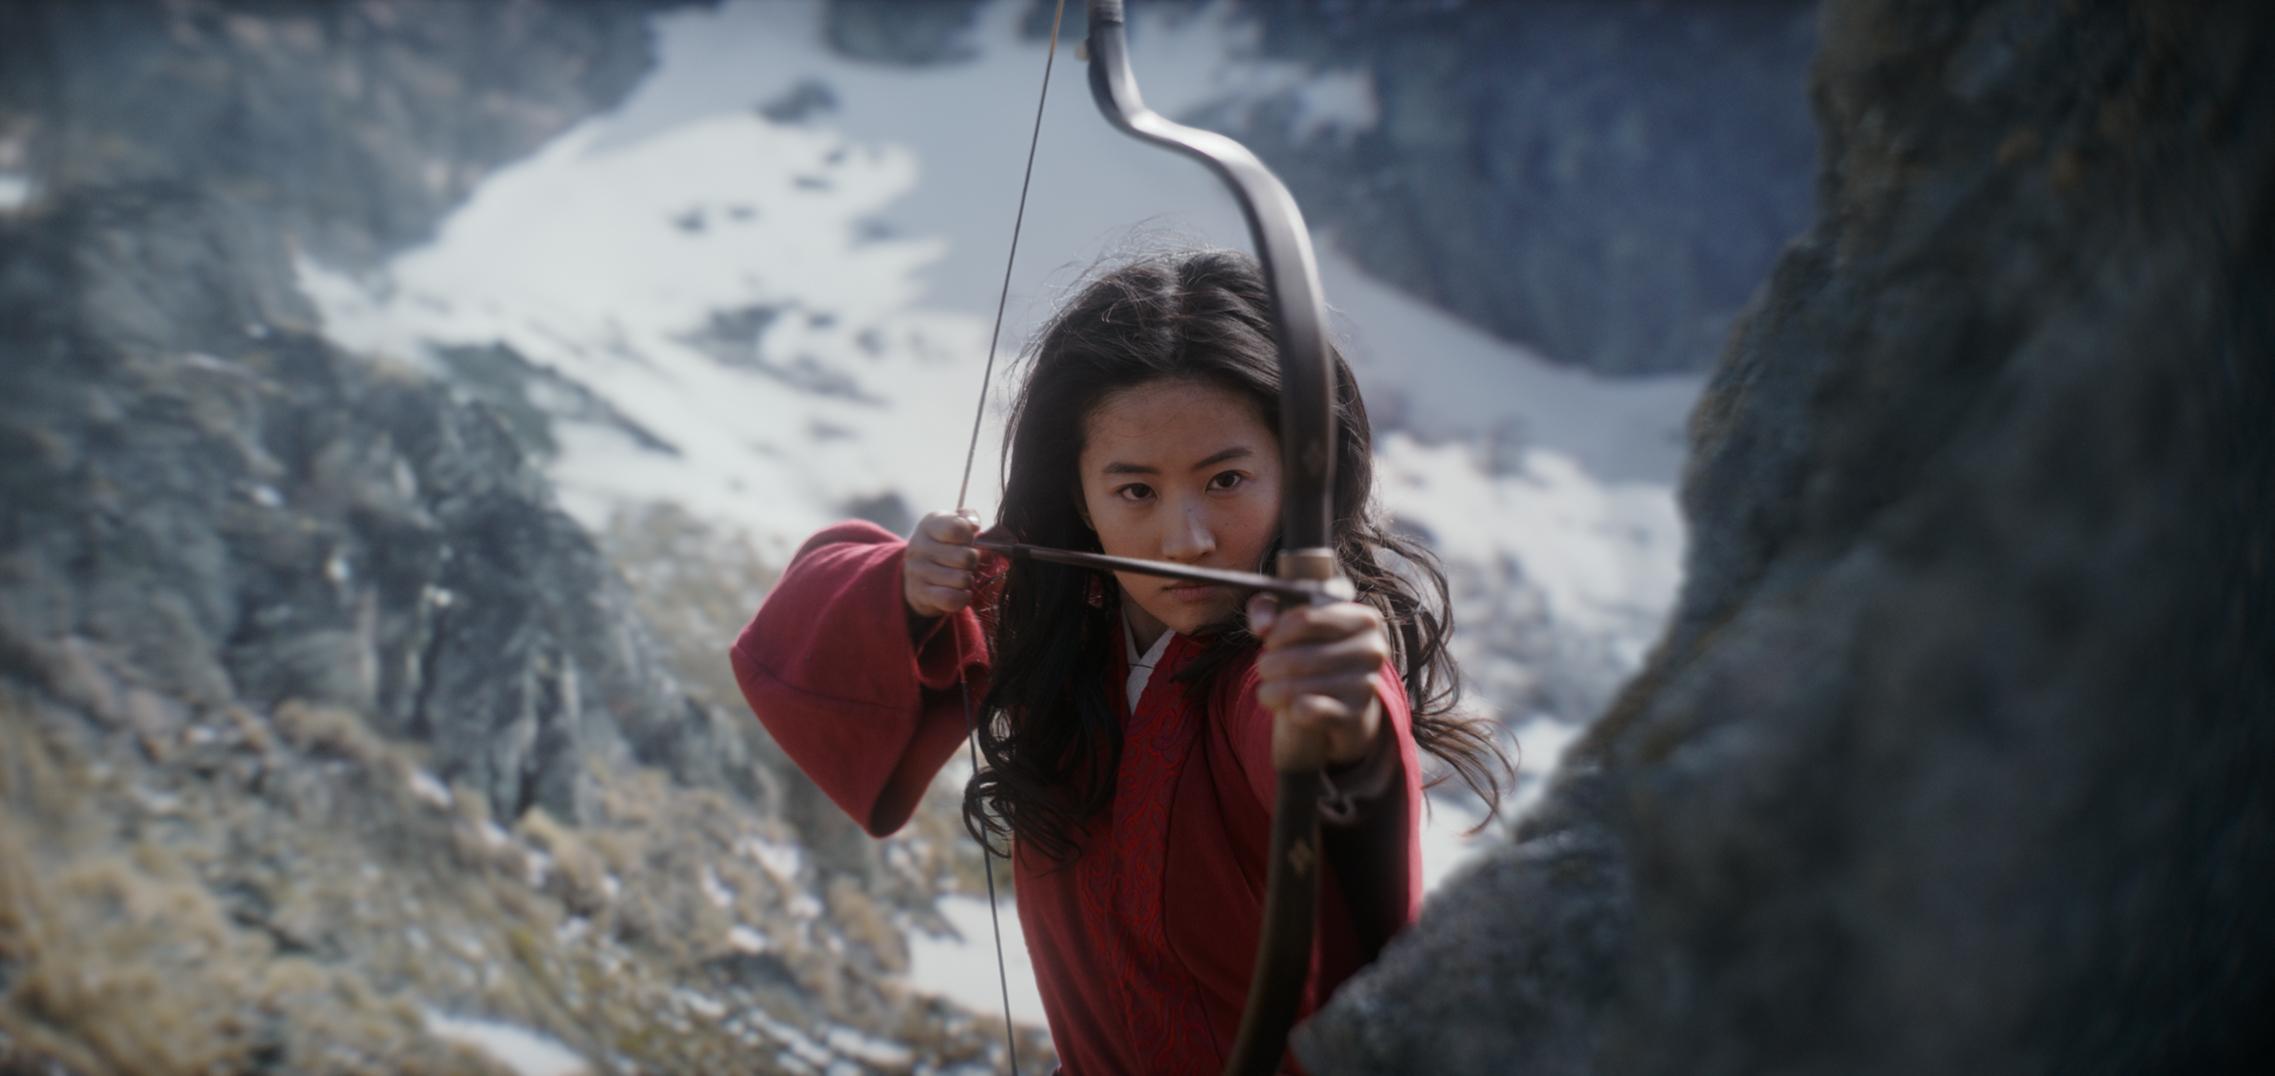 'Mulan' Star Yifei Liu Not At D23 Presentation Amid Hong Kong Controversy – D23